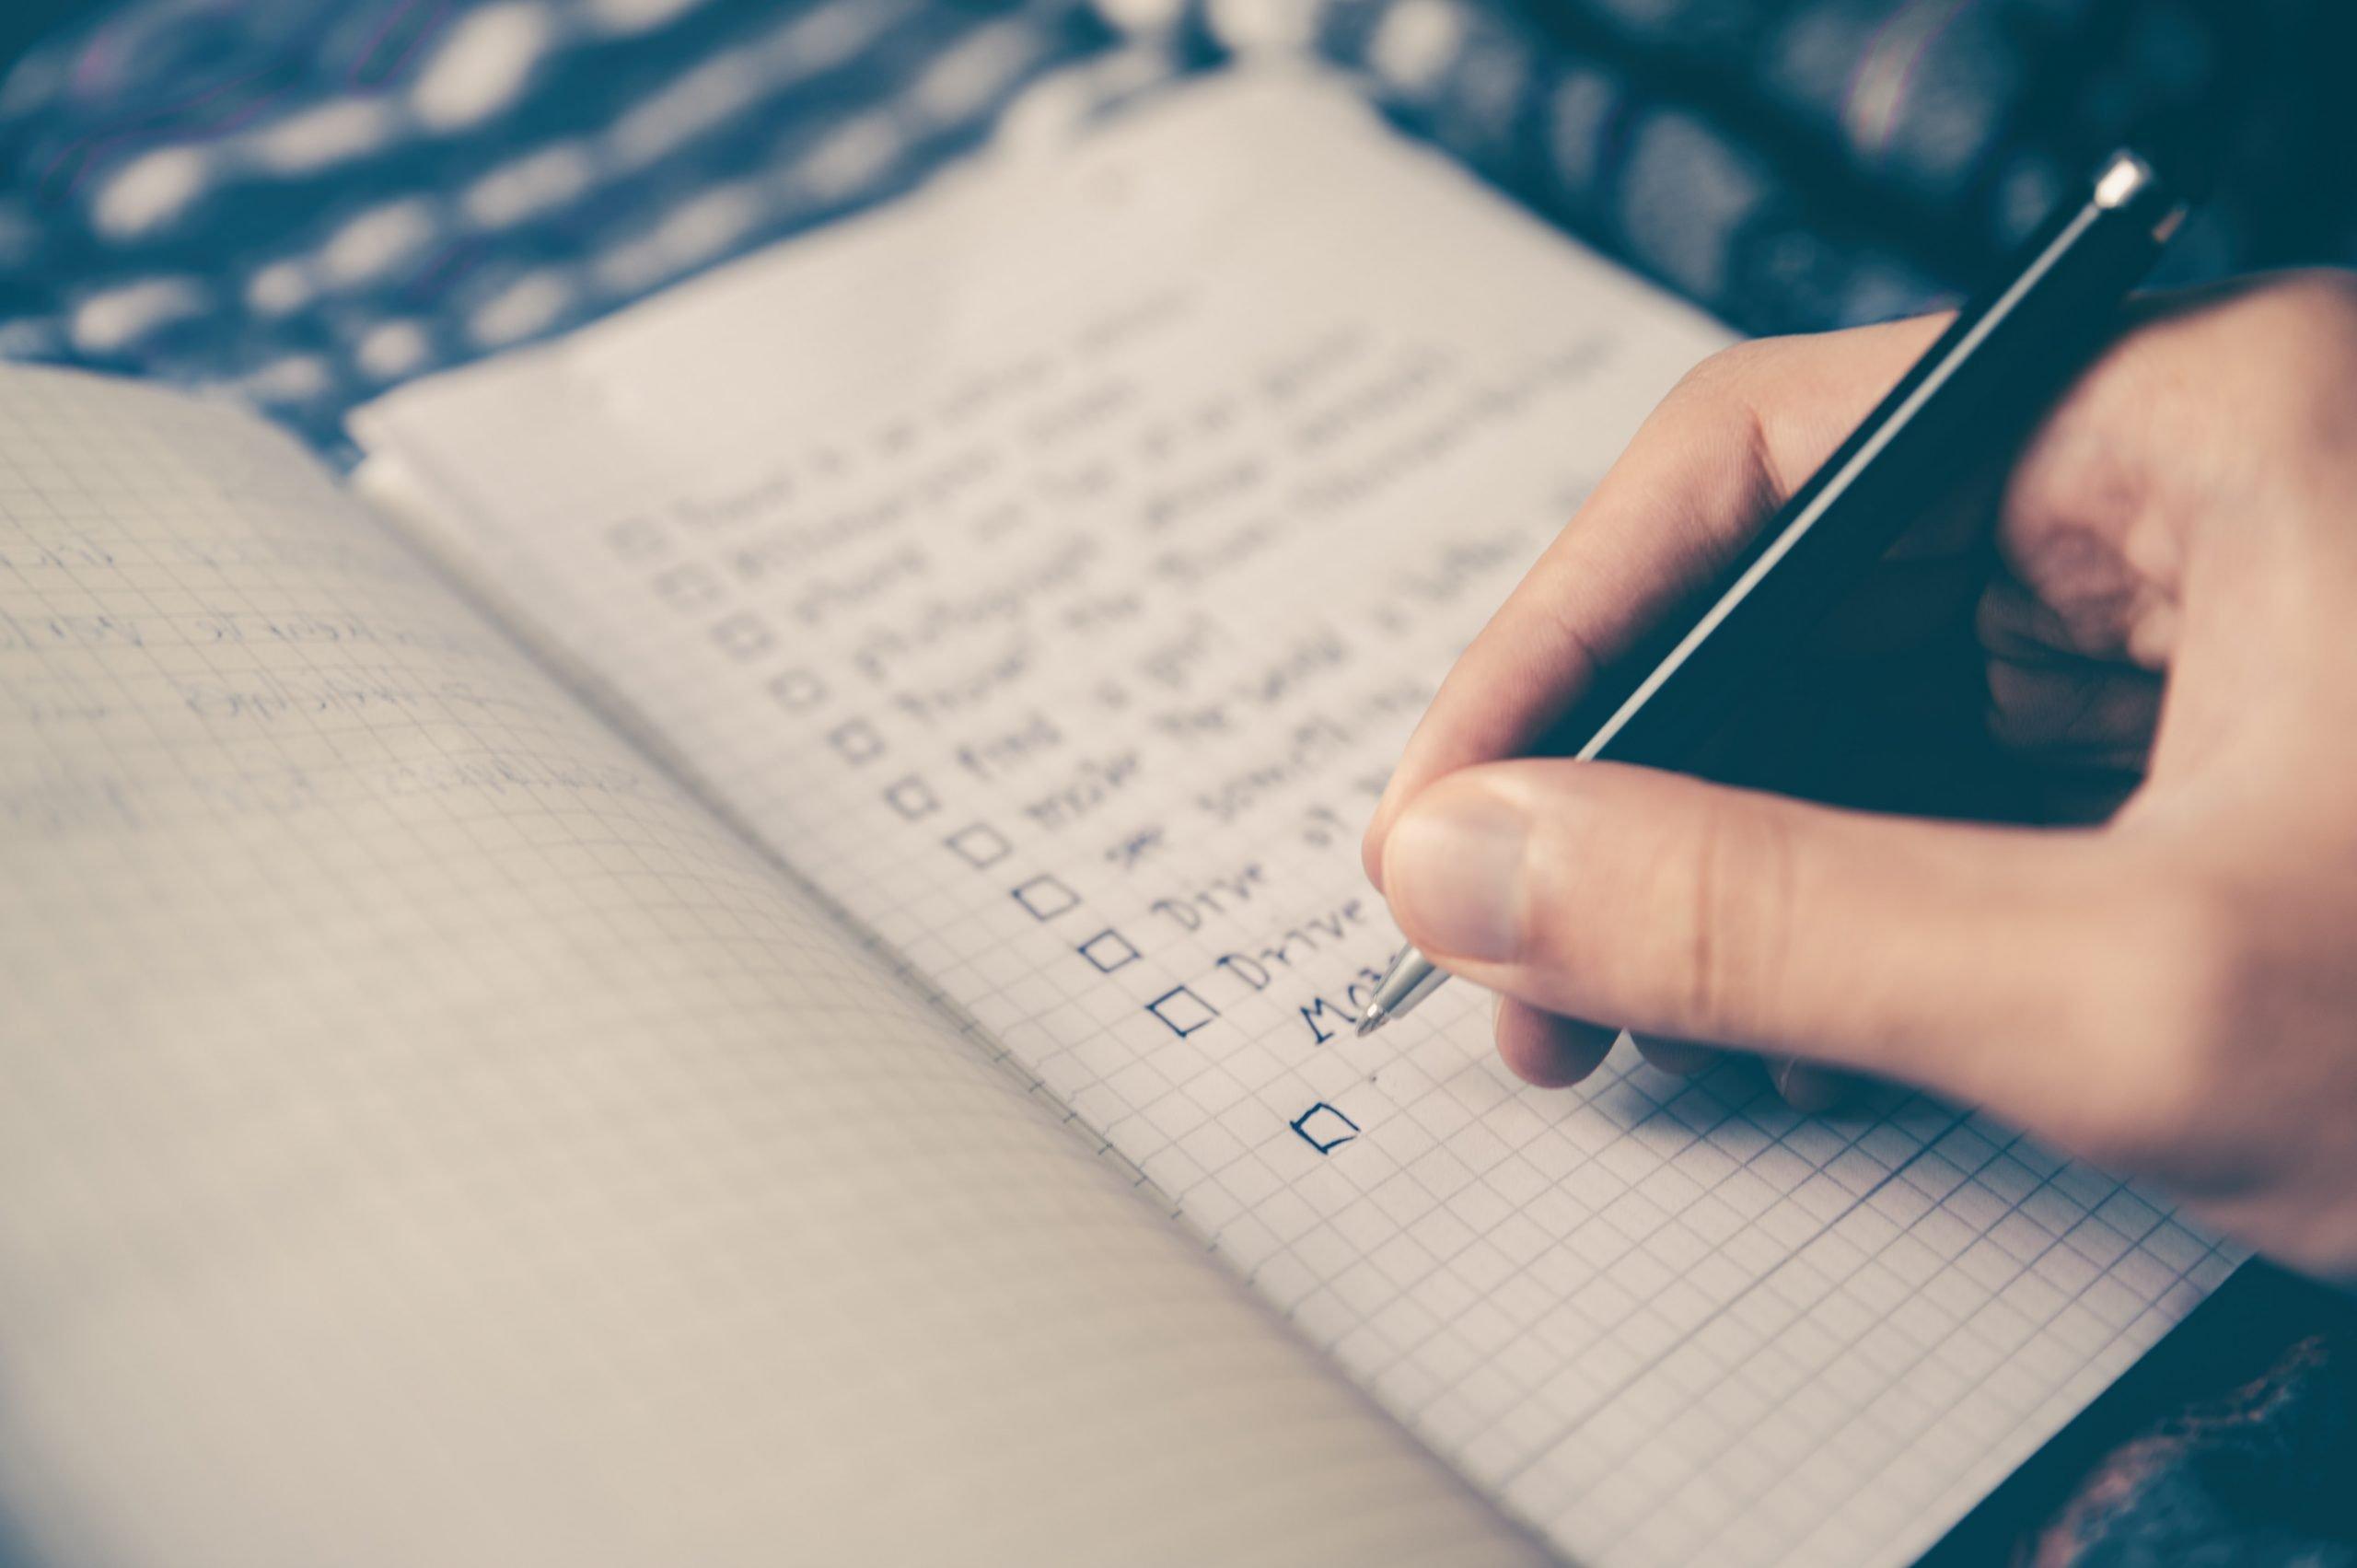 Preptober: Preparing for National Novel Writing Month